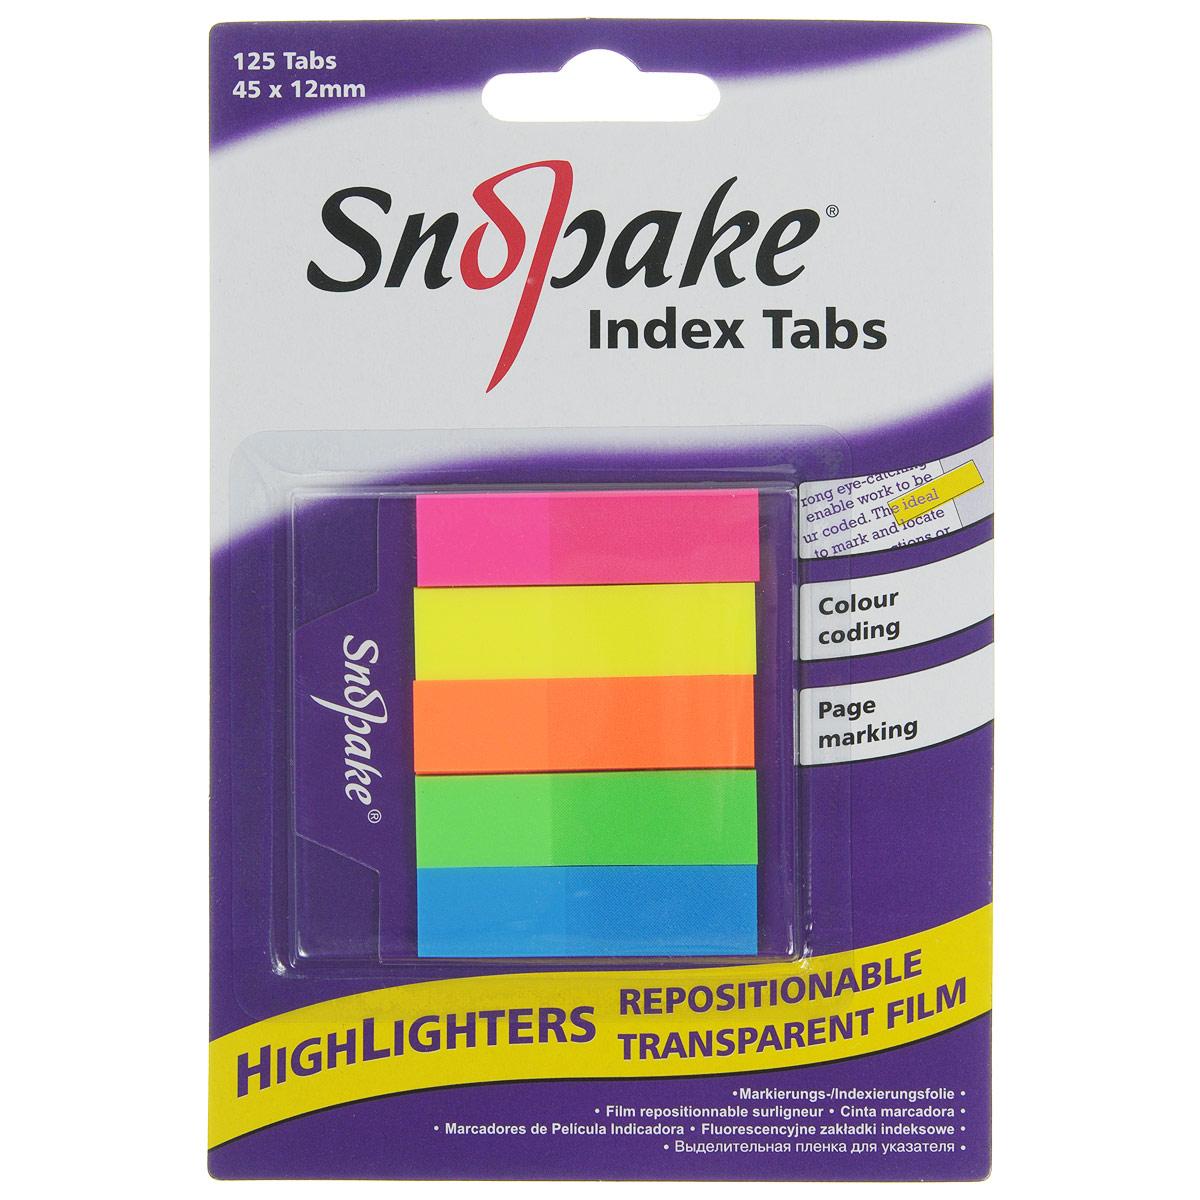 Закладка самоклеящаяся Snopake Index Tab, 4,5 см х 1,2 см, 125 штK13154Самоклеящаяся закладка Index Tab станет вашим верным помощником дома и в офисе, и пригодится не только любителям чтения, но и тем, кто работает с большими объемами документов. Яркие закладки розового, желтого, оранжевого, зеленого и синего цветов позволяют не только отметить или выделить нужное место в книге или документе, но и снабдить его своими записями. Закладки совершенно прозрачны и не закрывают текст и могут применяться как безопасная для бумаги альтернатива маркерам- выделителям. Уникальный клеевой состав, нанесенный на закладку, позволяет многократно переклеивать ее, не повреждая при этом страницу. В комплект входят 125 закладок. Самоклеящаяся закладка Index Tab станет практичным офисным или домашним инструментом и поможет вам упорядочить информацию, не повреждая бумагу.